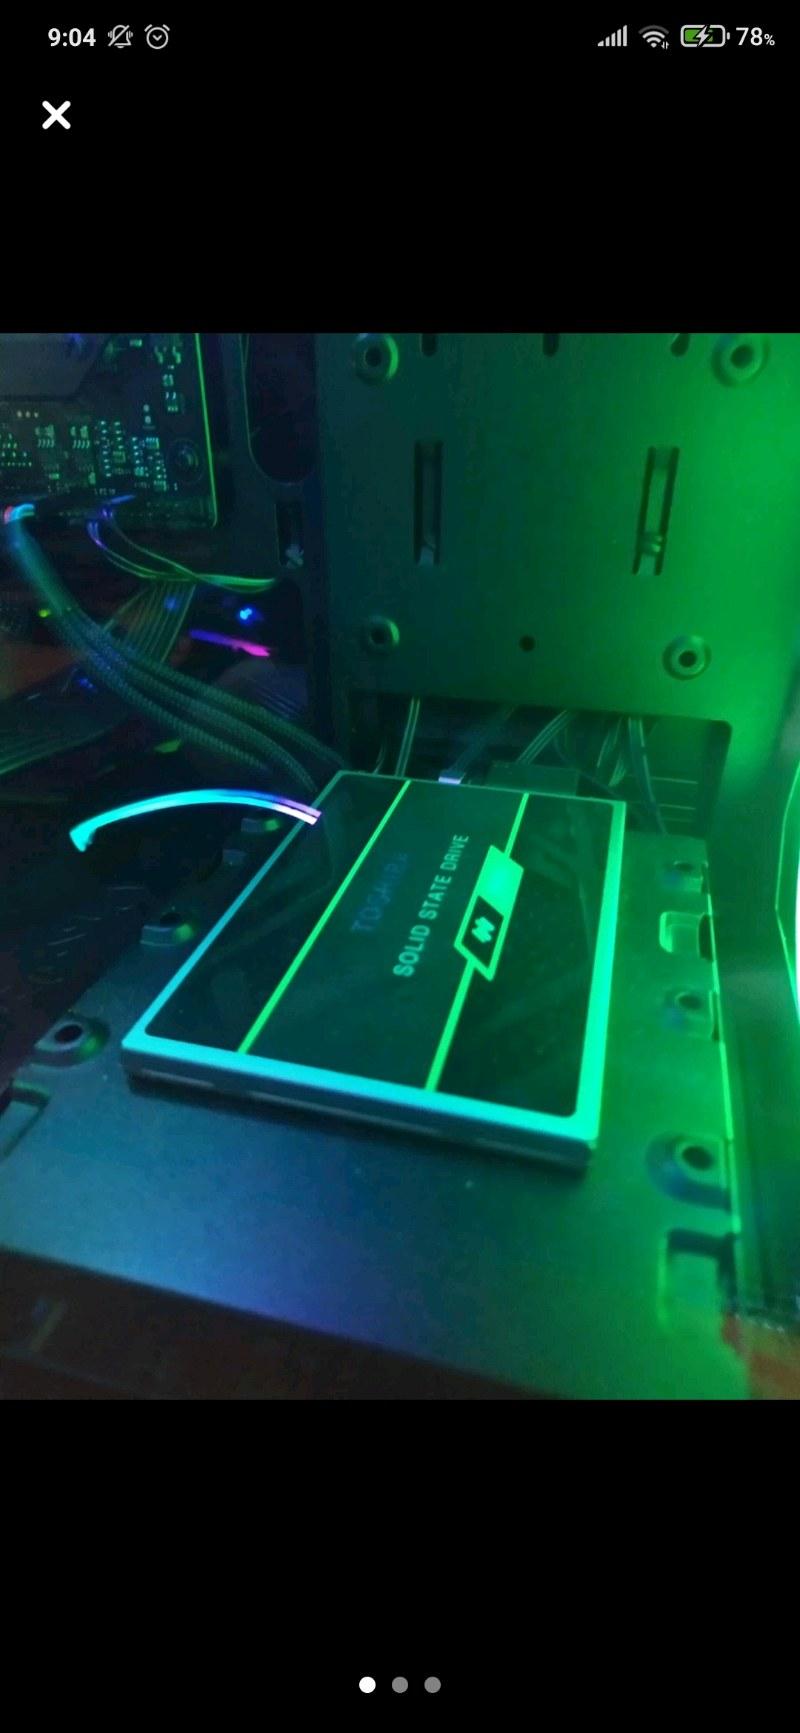 TOSHİBA 480 GB SSD 555/540 KUTULU GARANTİLİ FATURALI TEMİZ